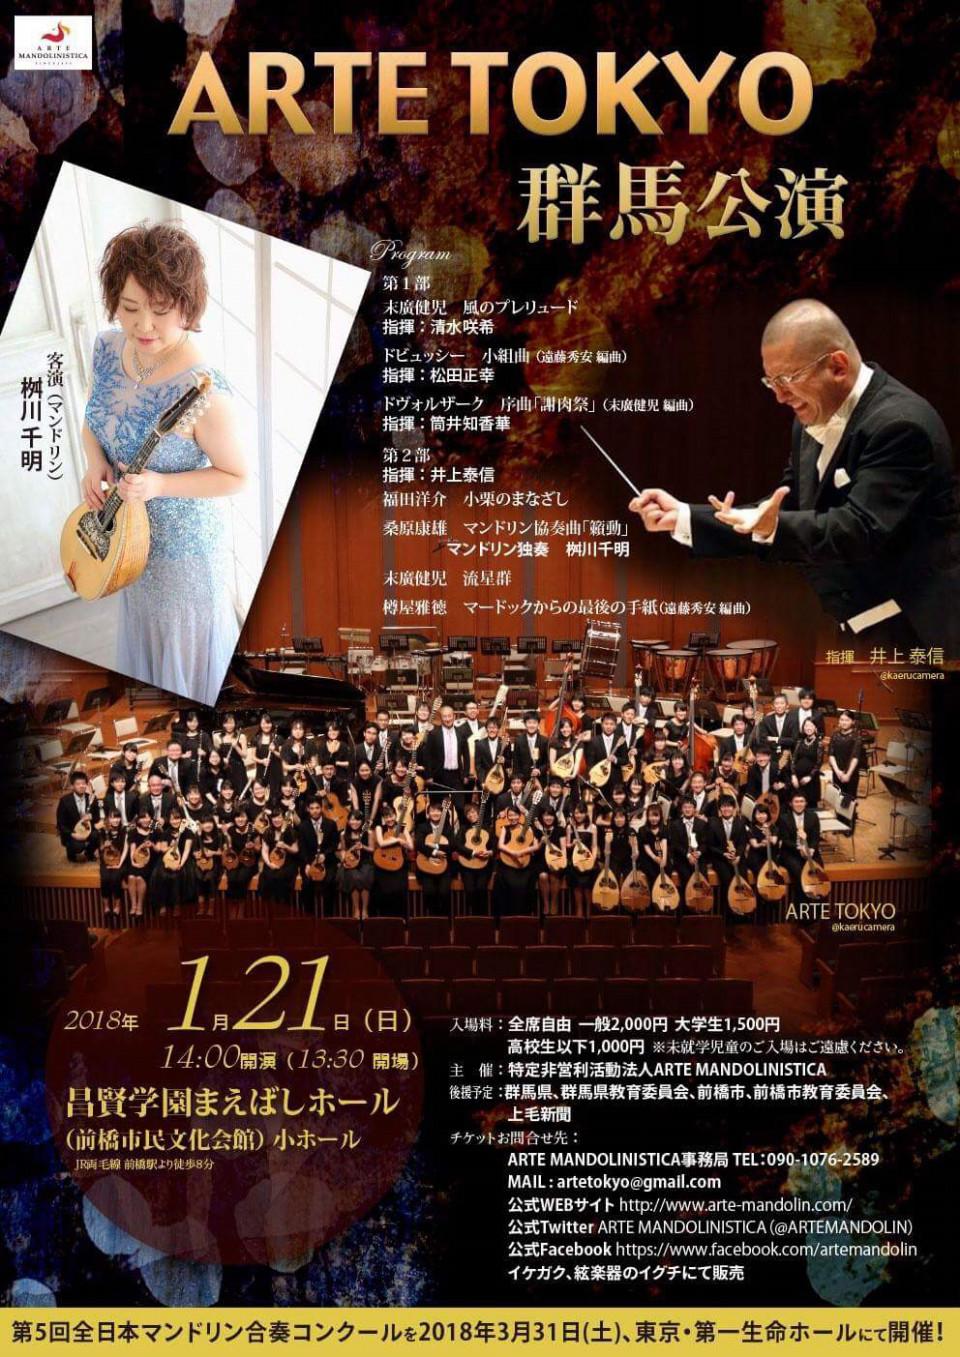 ARTE TOKYO 群馬公演 | マンドリン弾き 桝川千明 Chiaki Masukawa